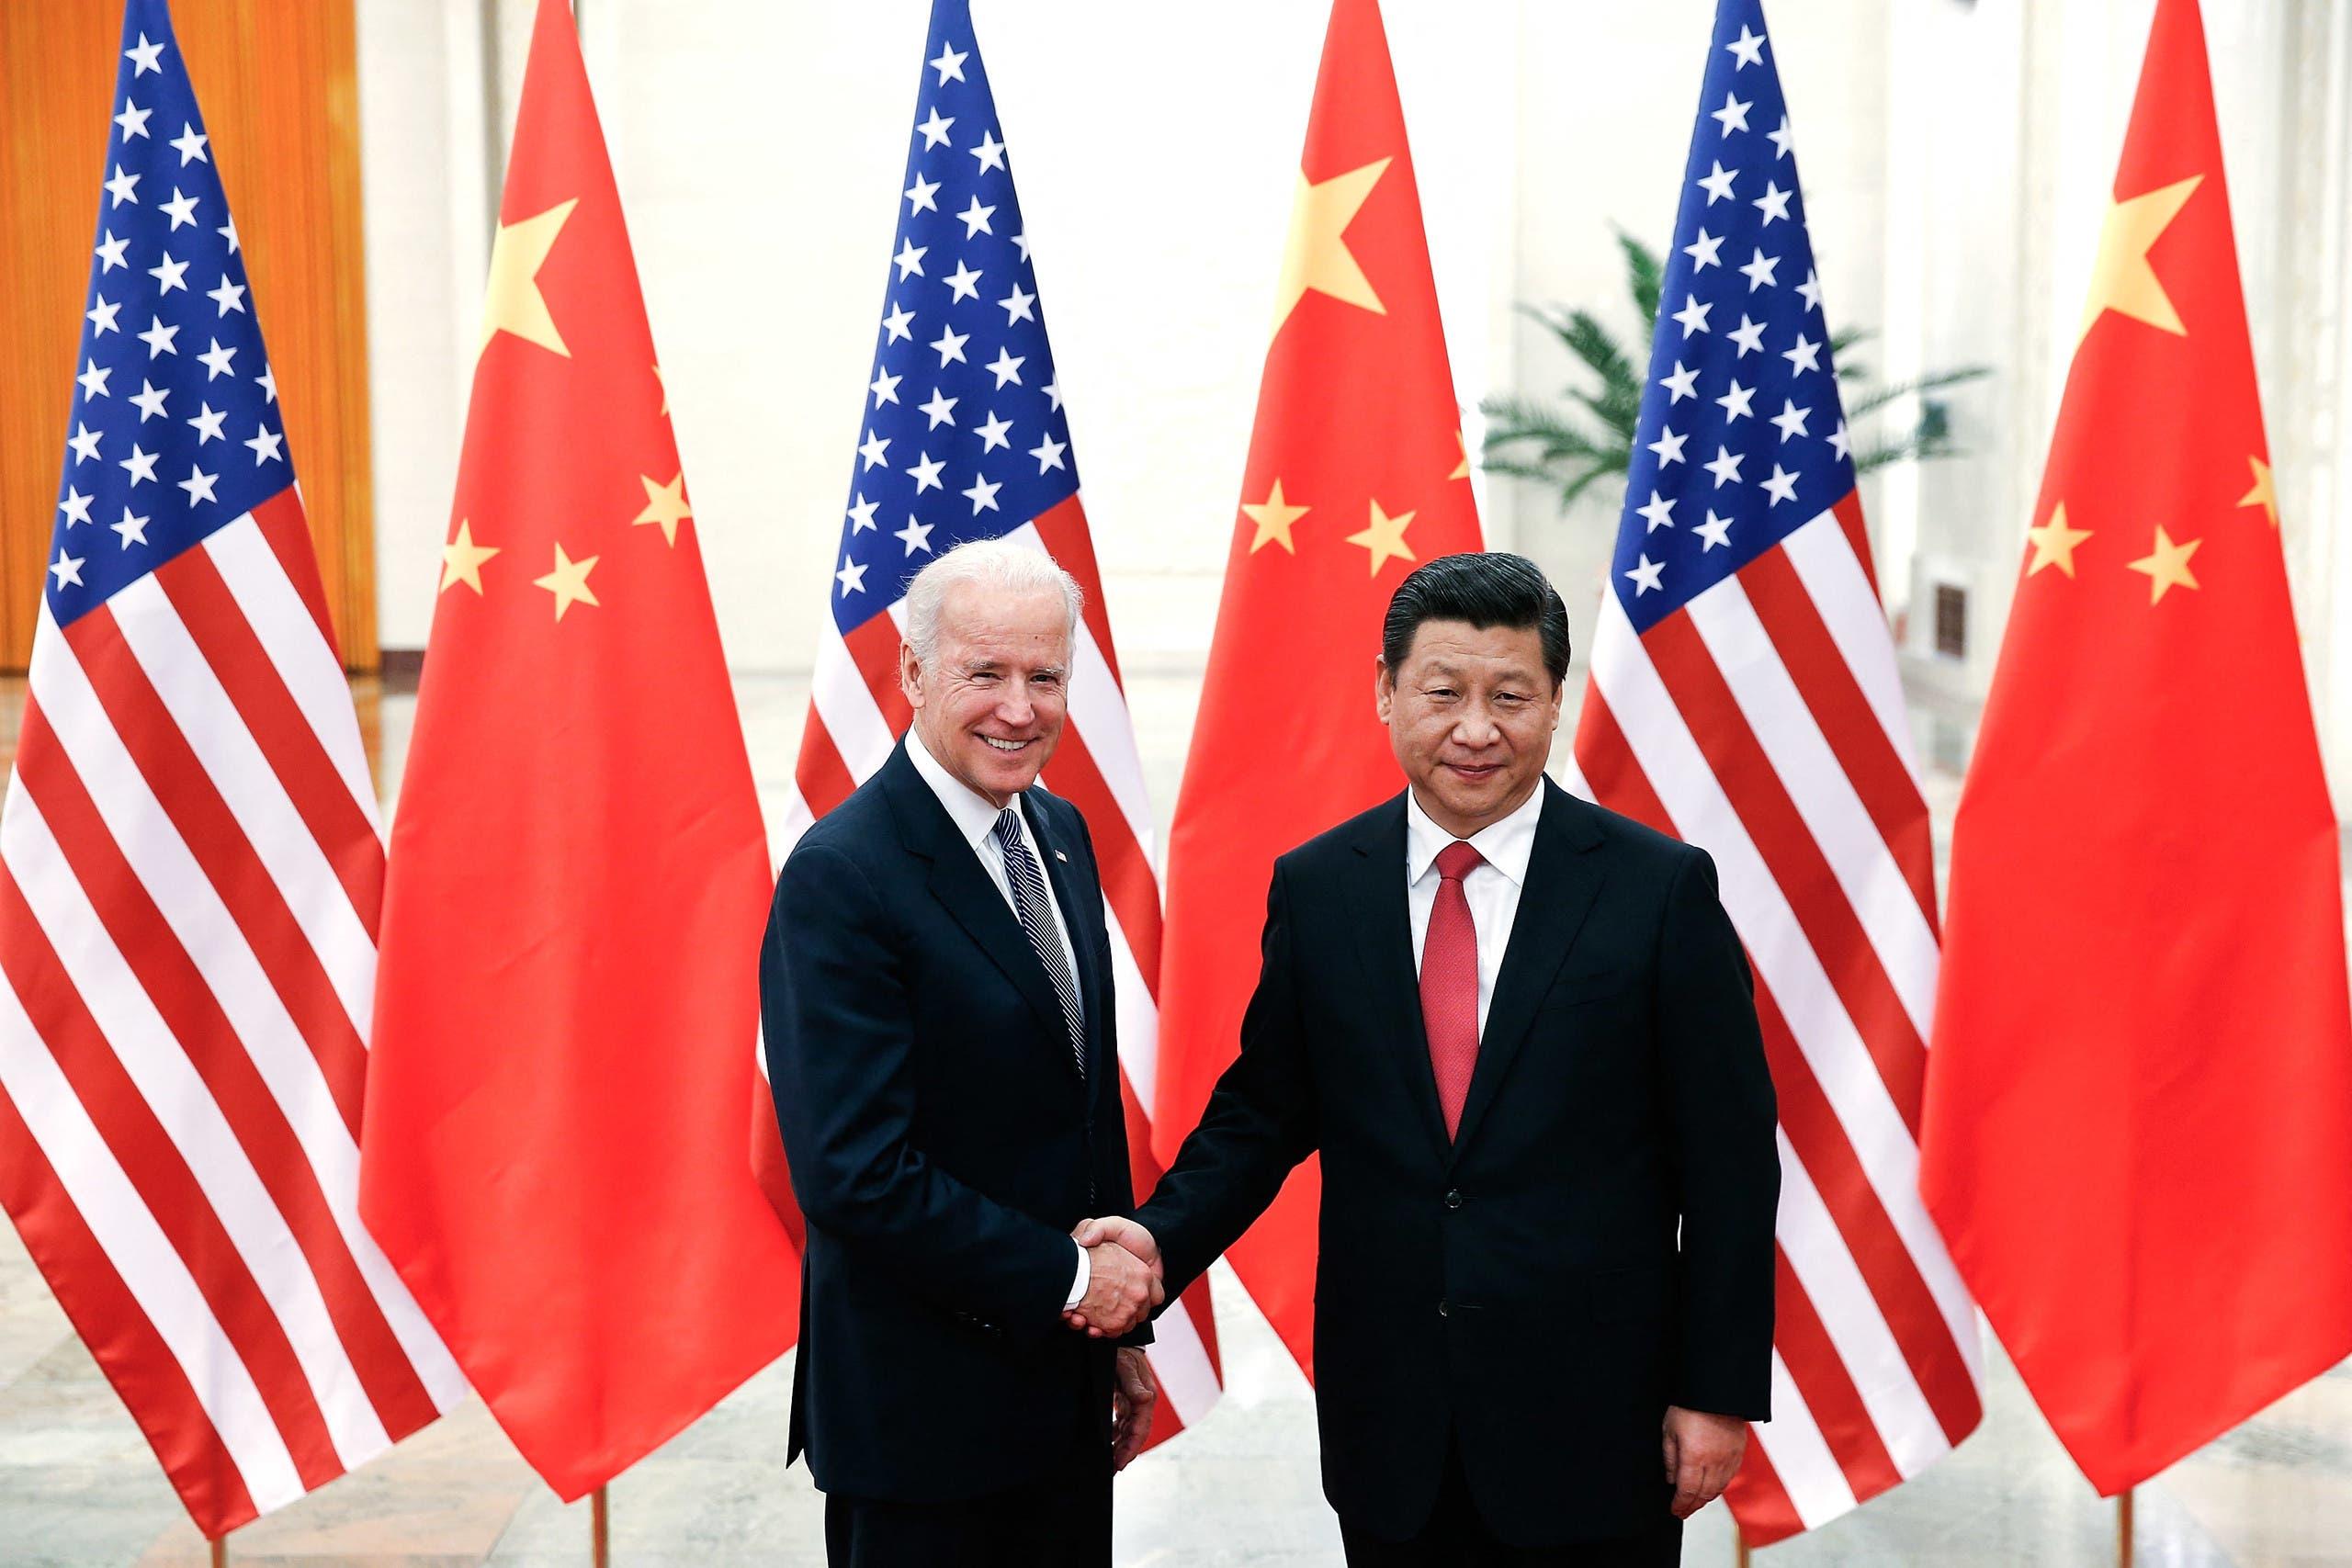 لقاء في ديسمبر 2013 في بكين بين شي جين بينغ وبايدن حين كان نائباً لأوباما